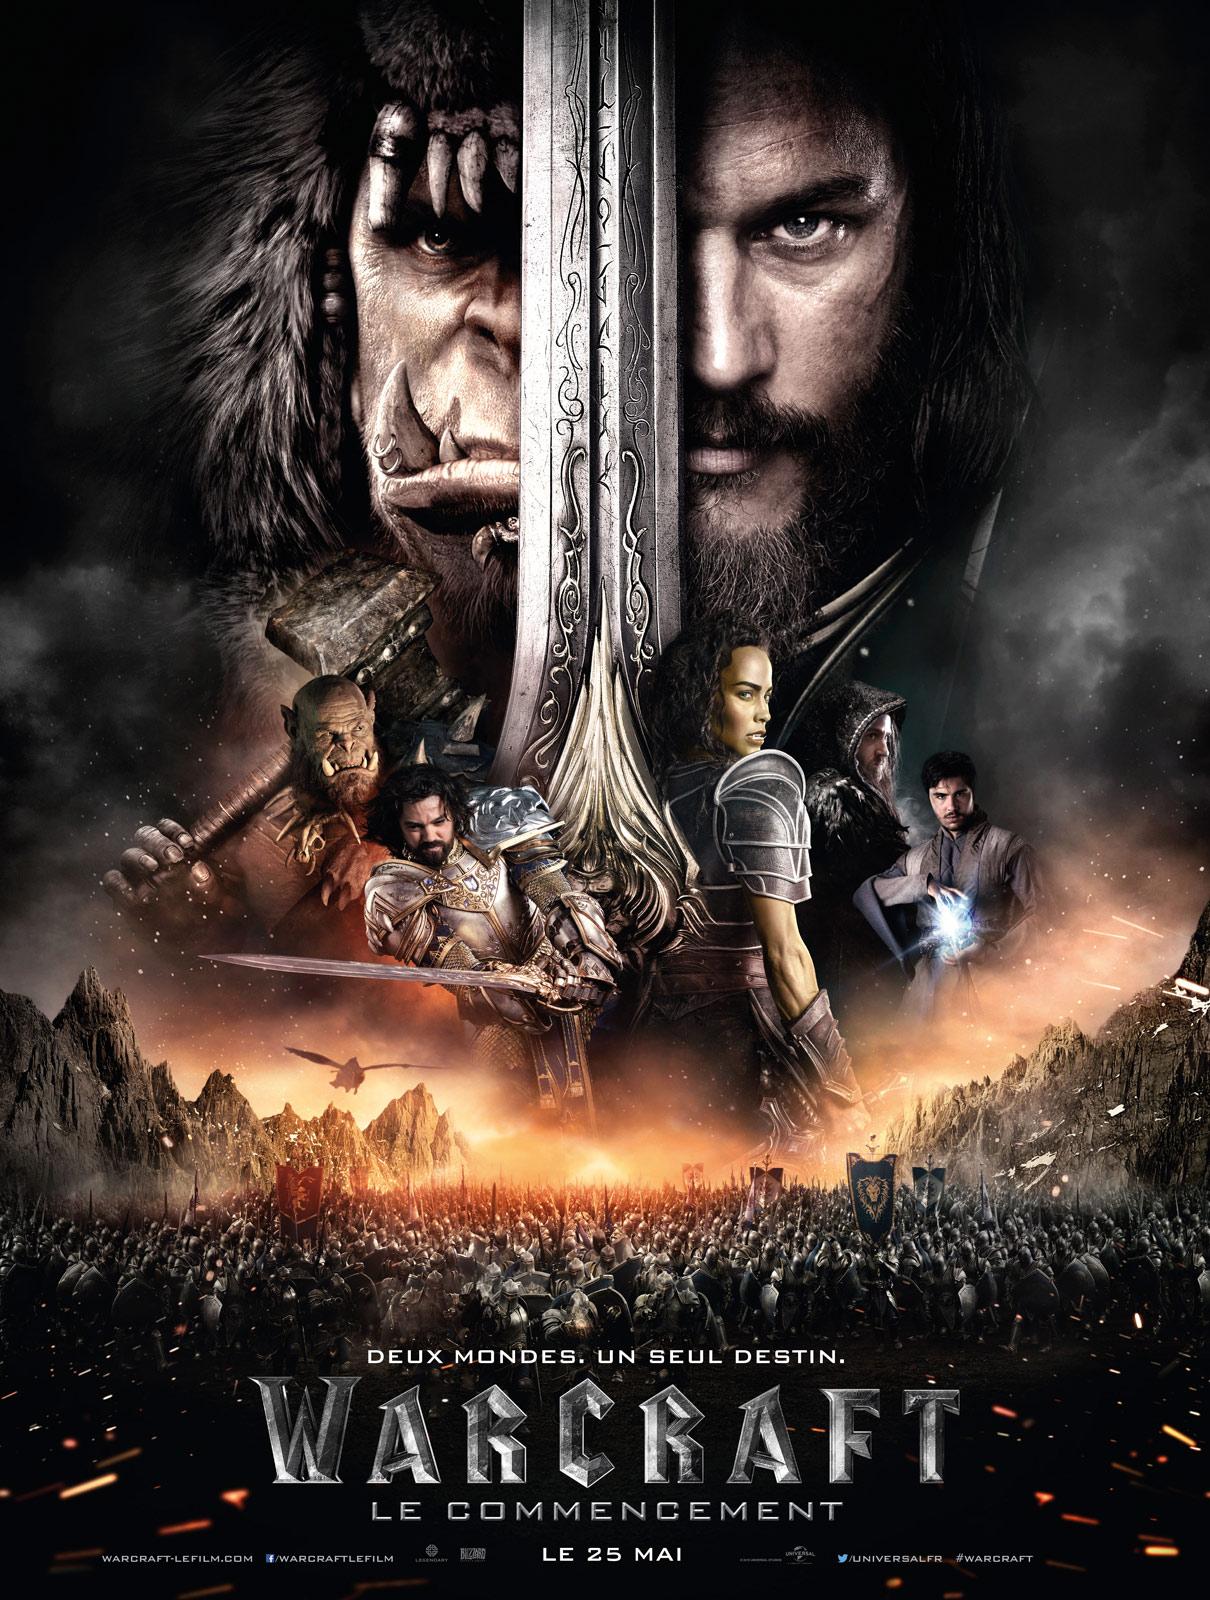 Warcraft : Le commencement ddl